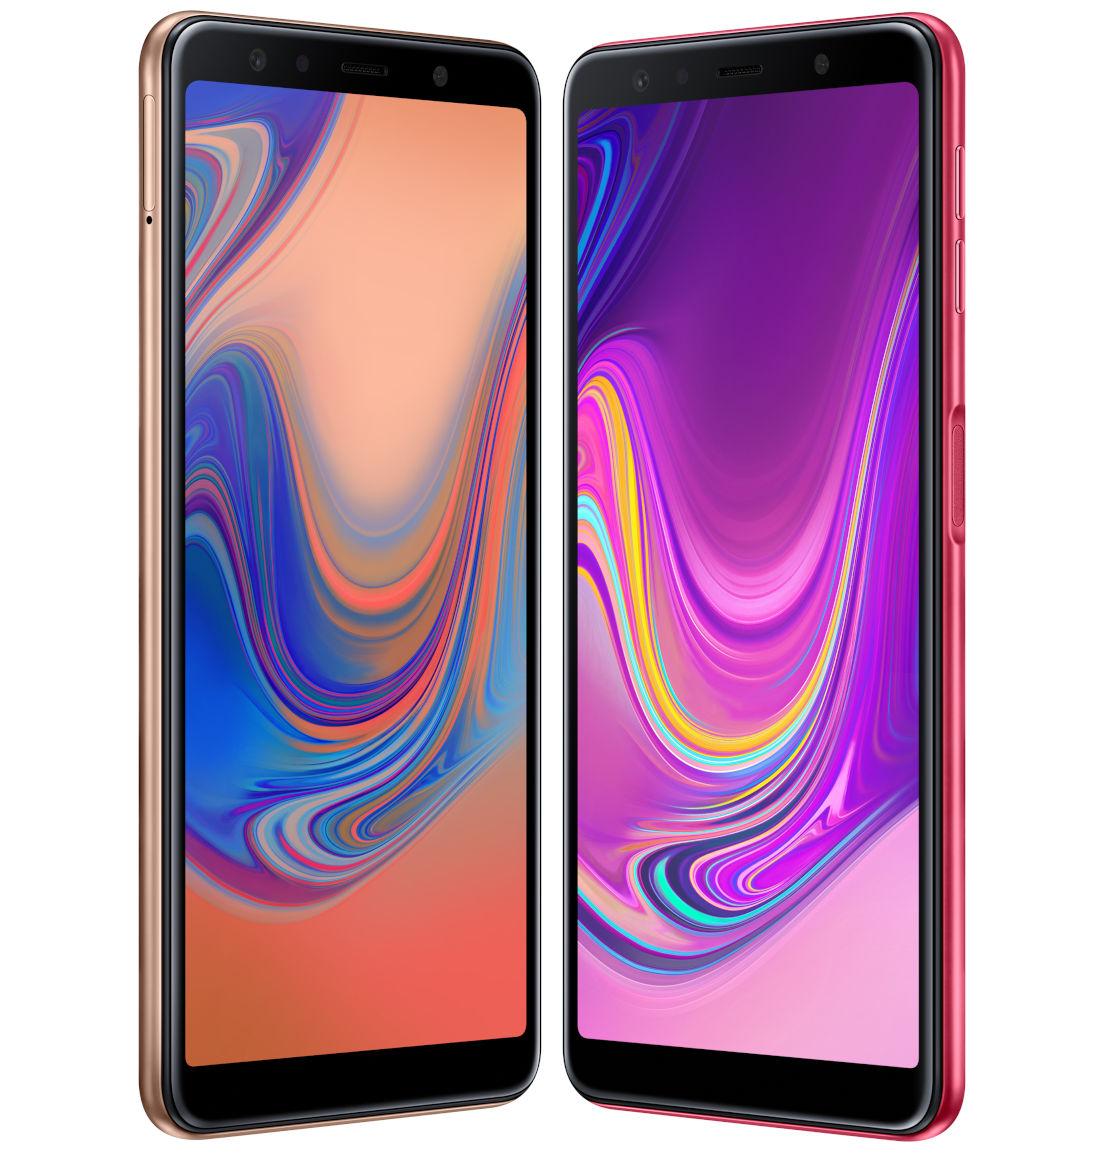 1 8 - سامسونج تكشف رسميًا عن جوال Galaxy A7 بثلاث كاميرات ومزايا أخرى عديدة